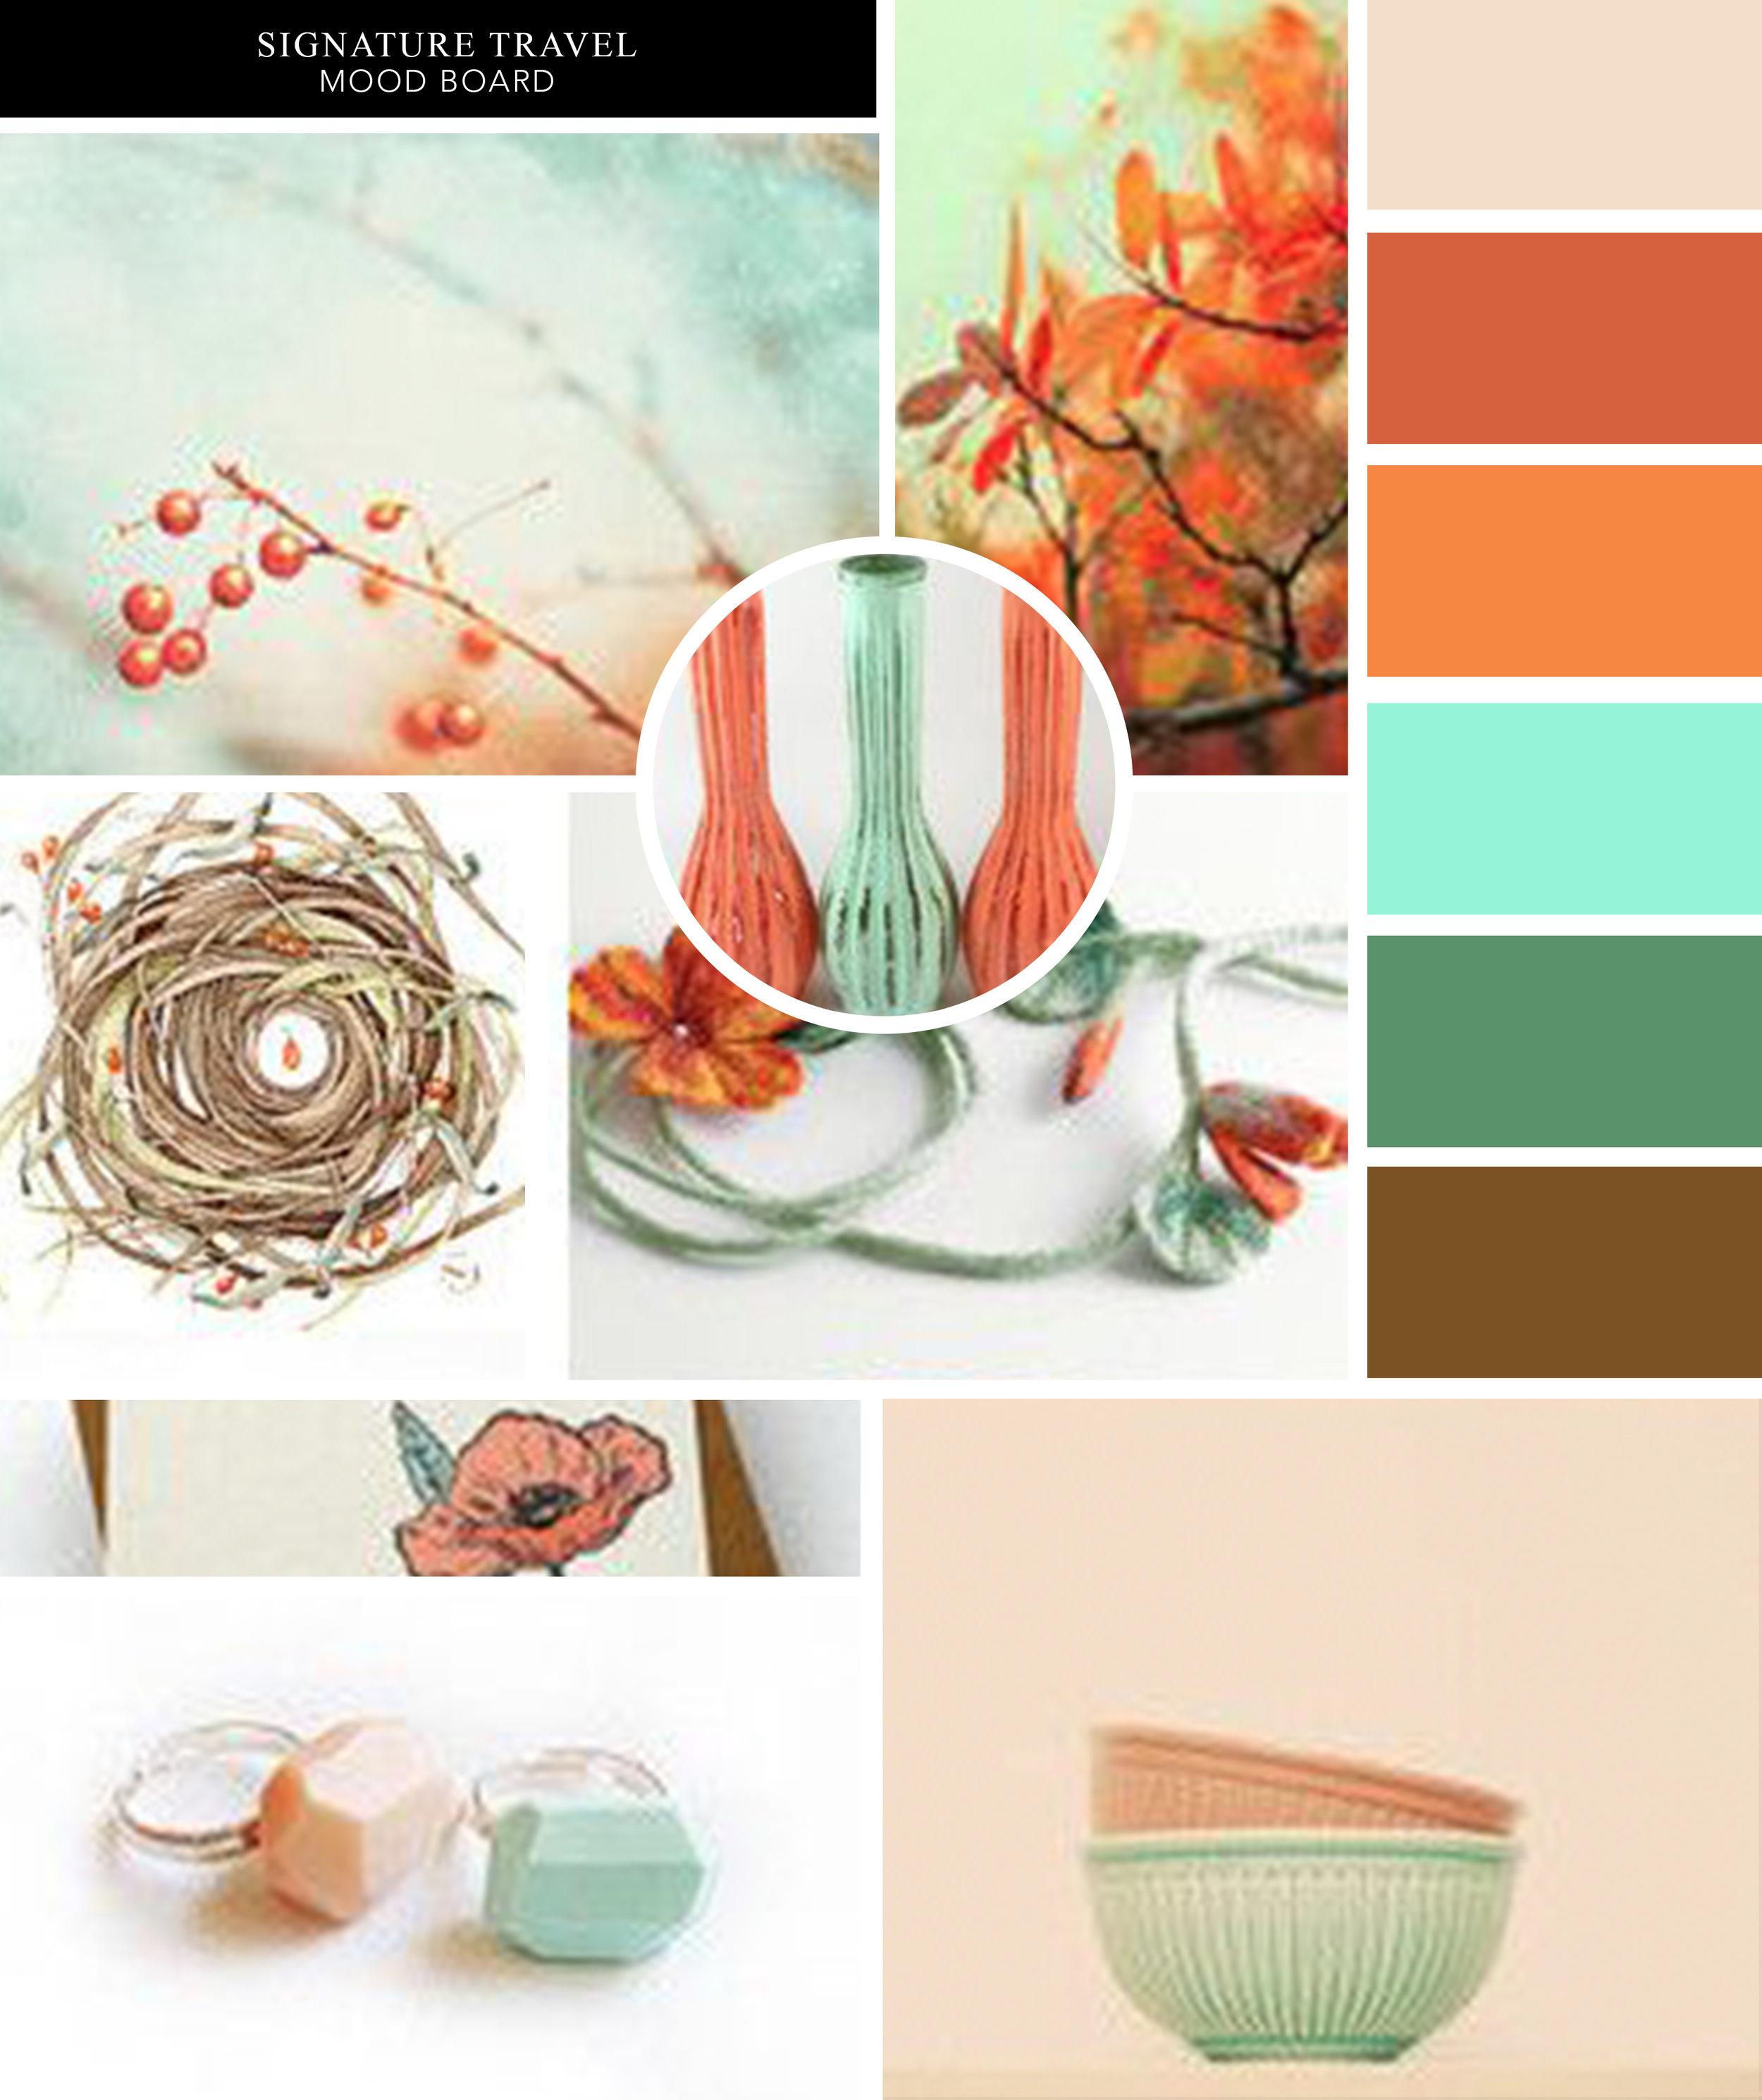 Signature Travel Mood Board Colour Palette Color Palette